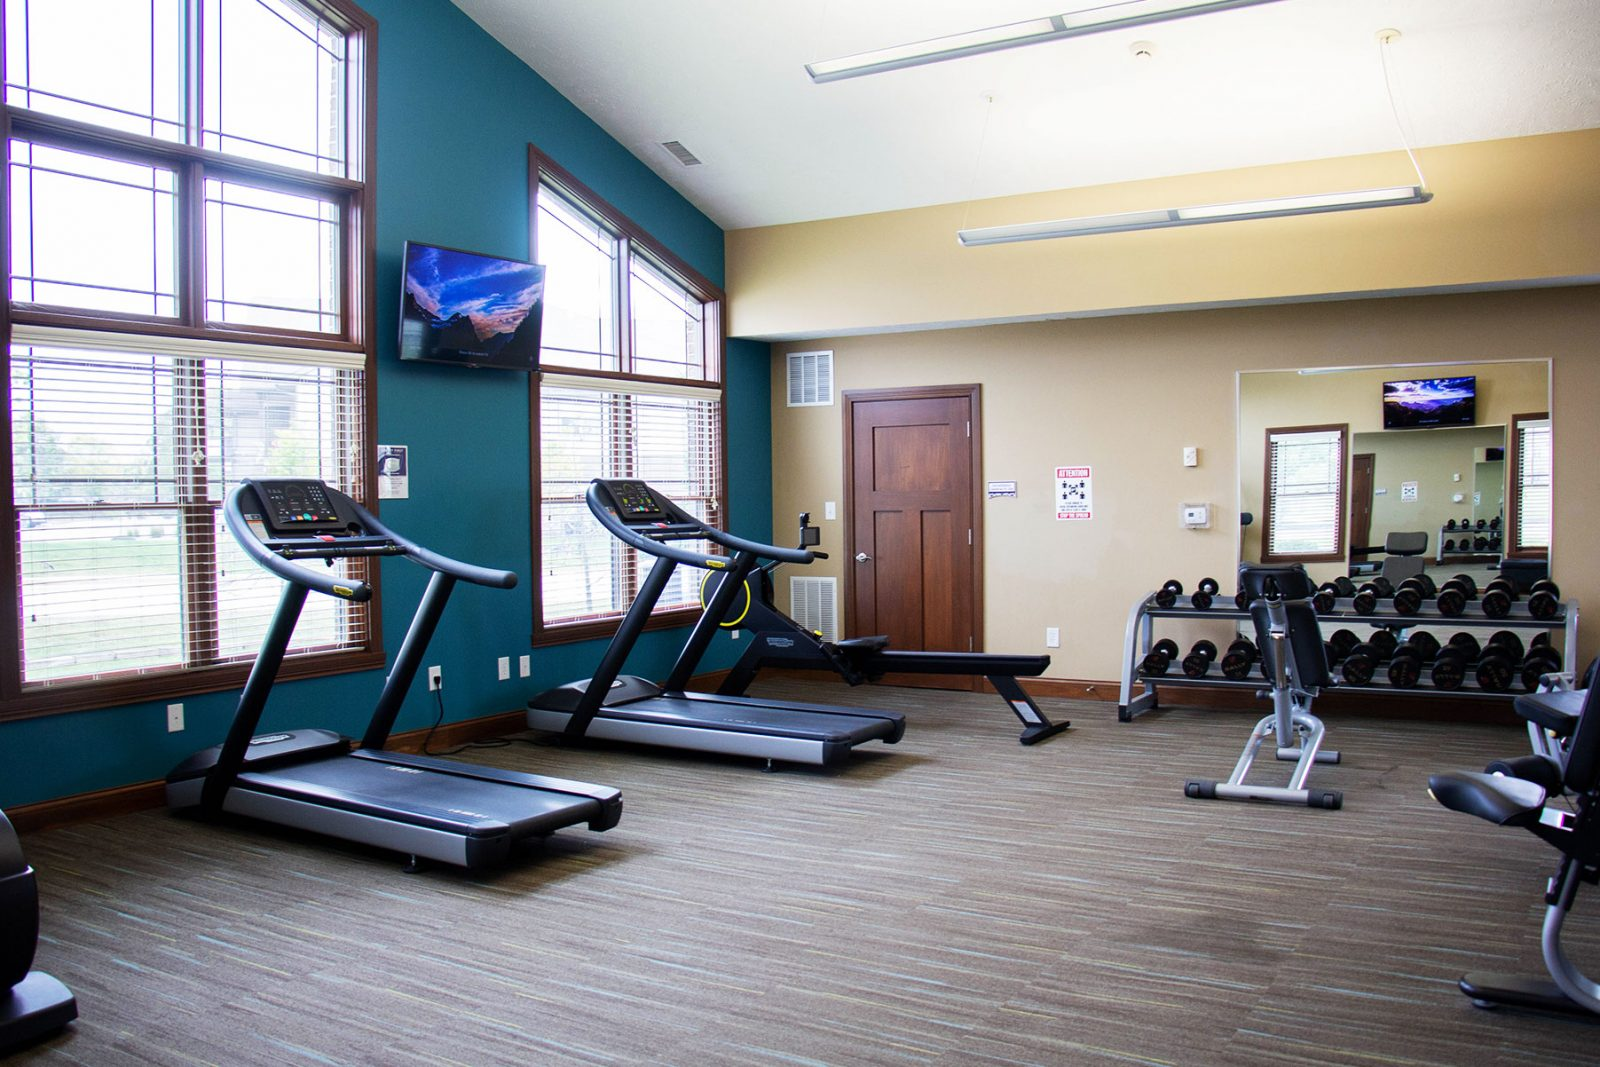 Fitness center machines and equipment | Amenities Bridgewater Apartments